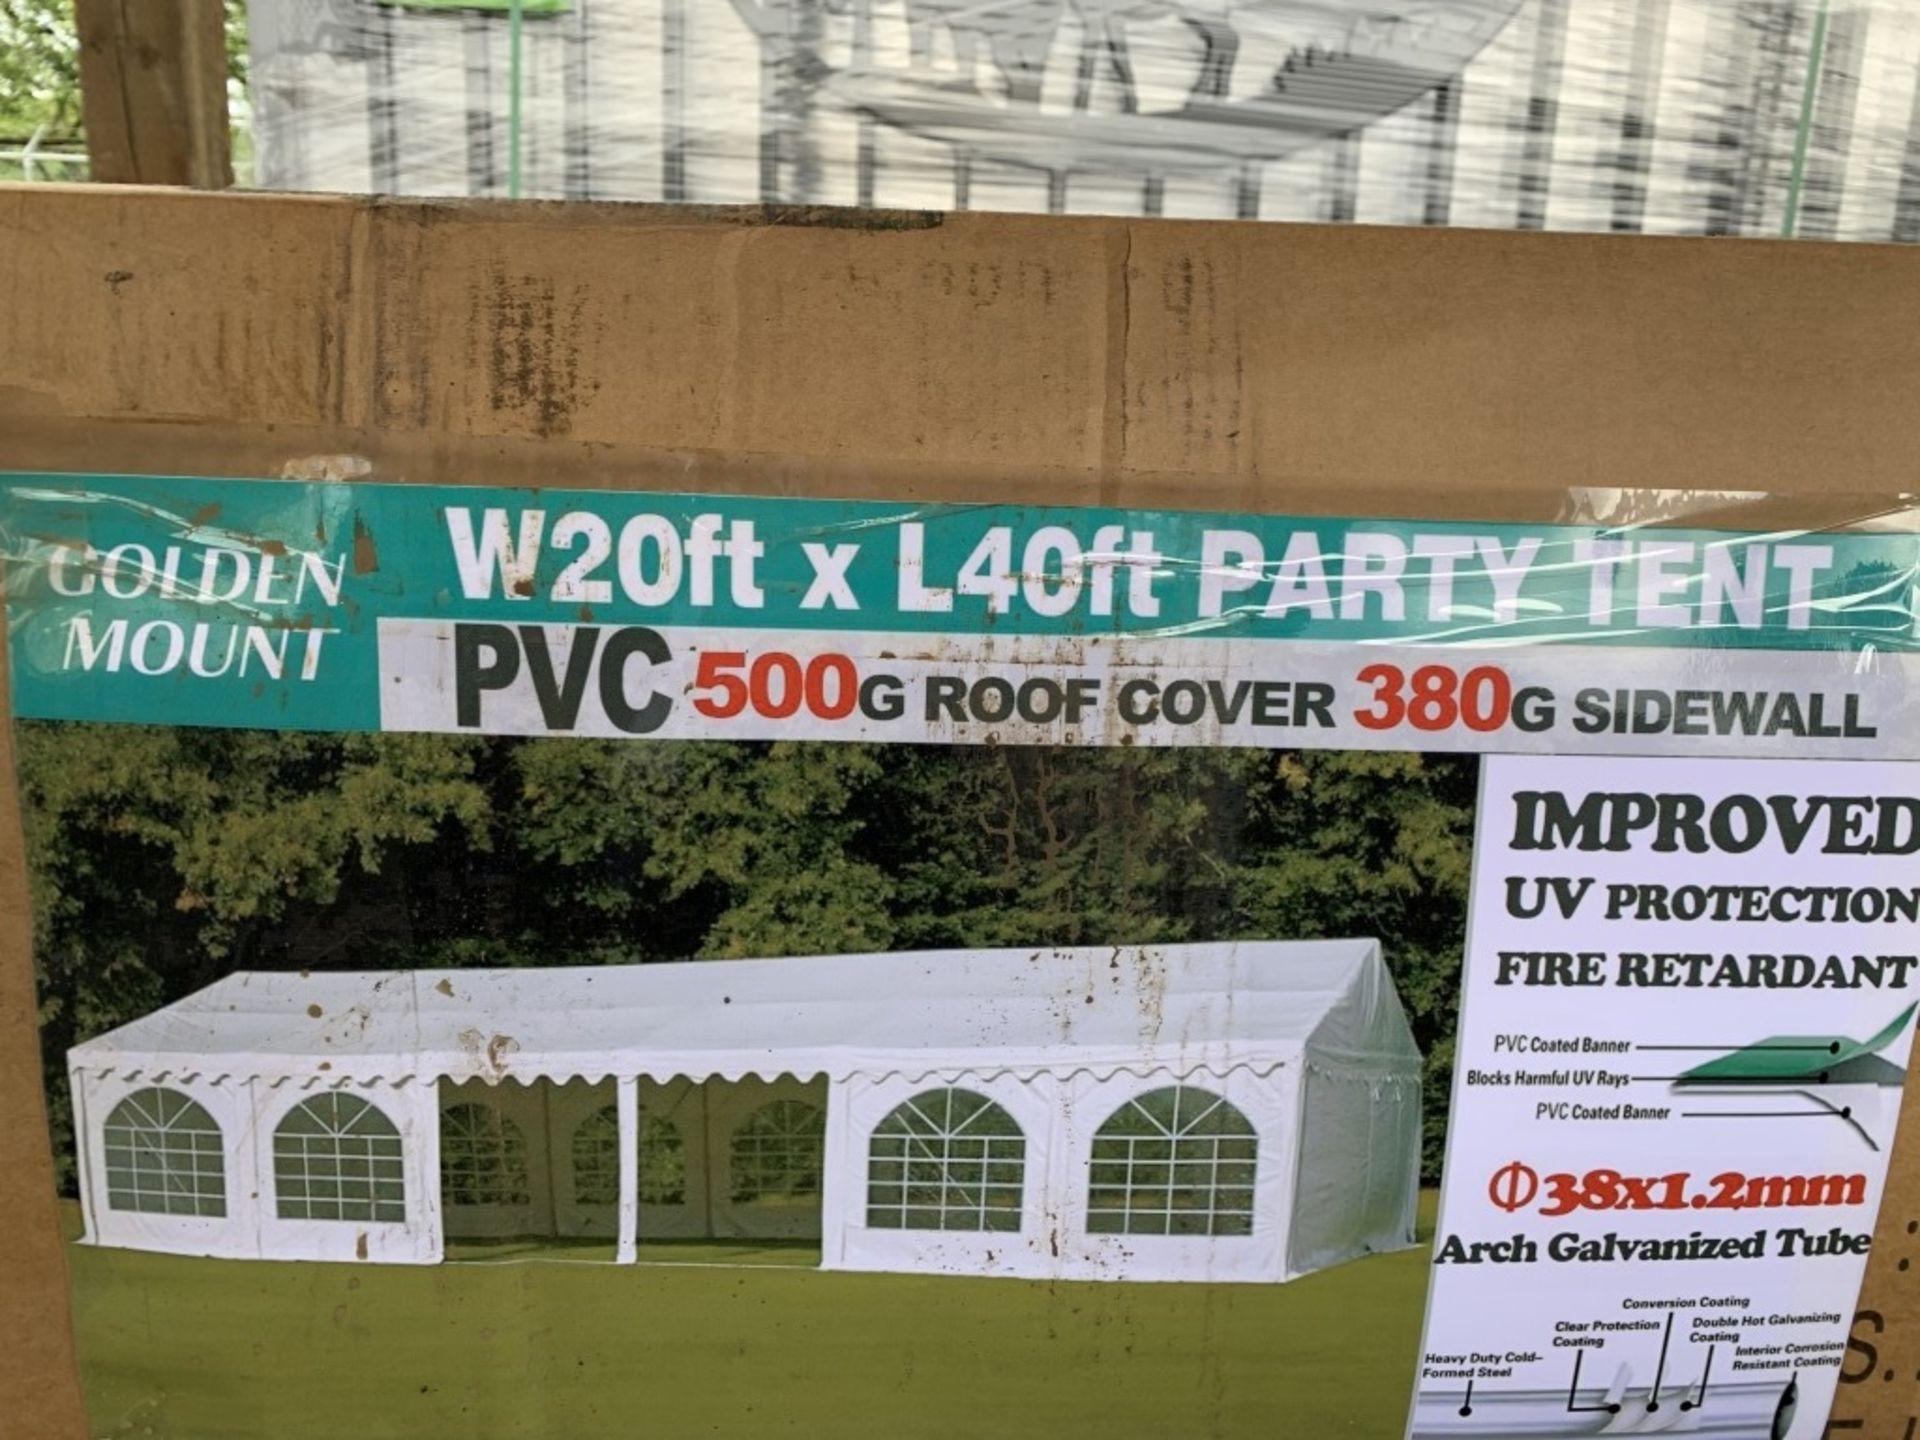 Lot 215 - 2019 Golden Mount Party Tent